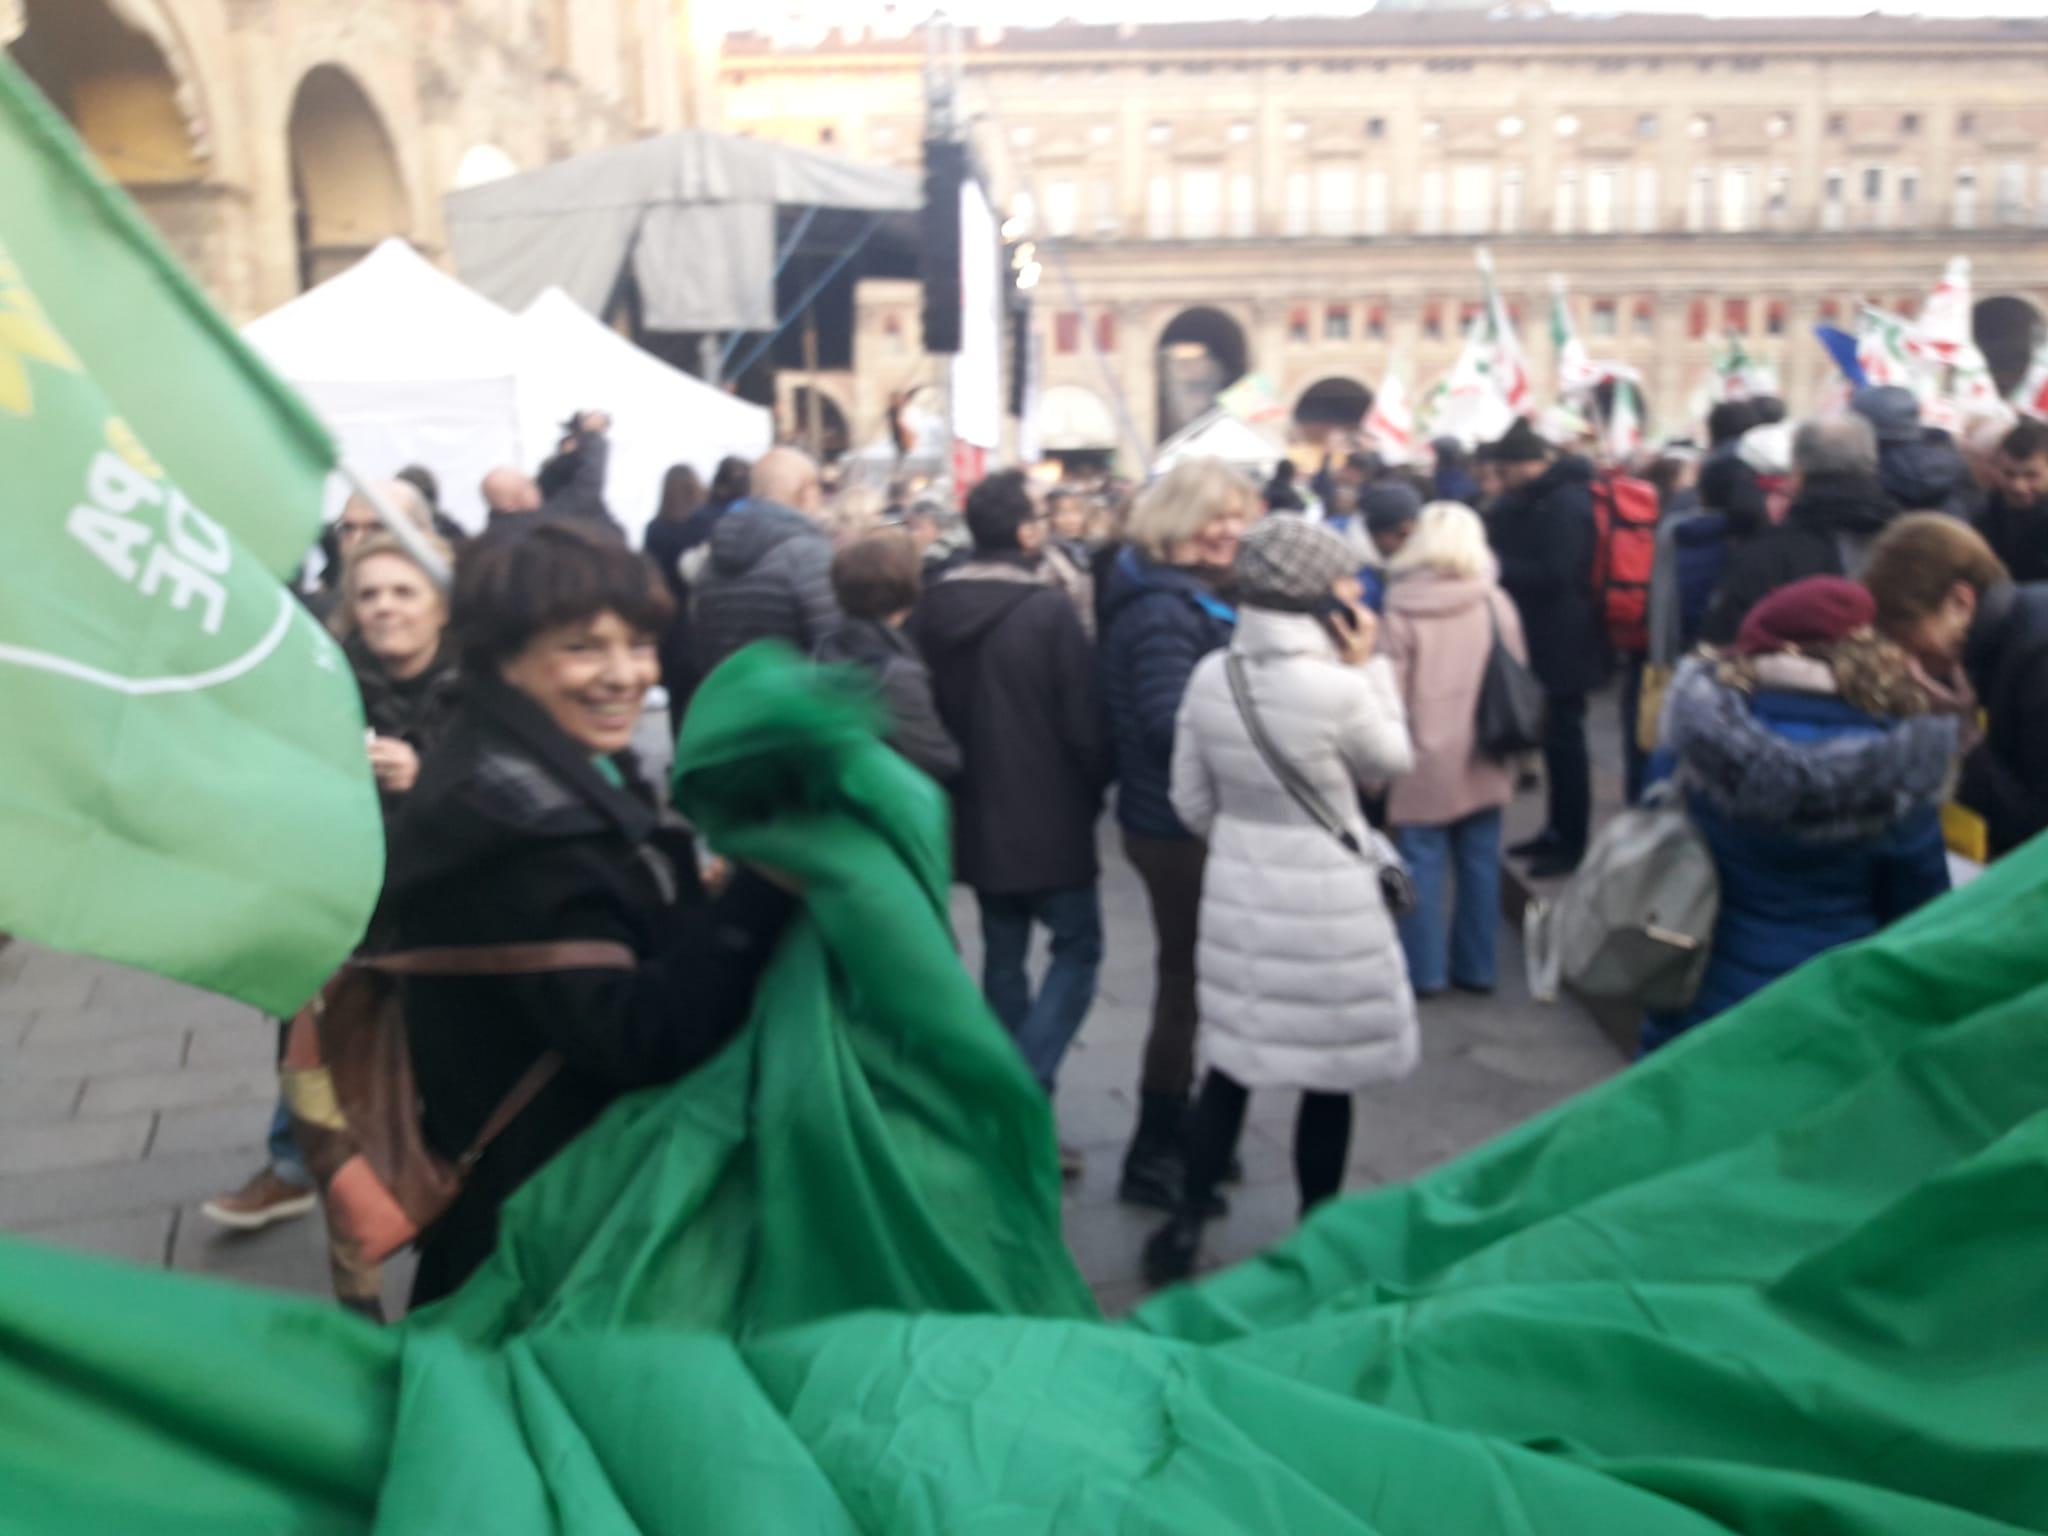 L'ONDA VERDE DEI VERDI-EUROPA VERDE EMILIA-ROMAGNA IN PIAZZA A BOLOGNA CON IL CENTROSINISTRA